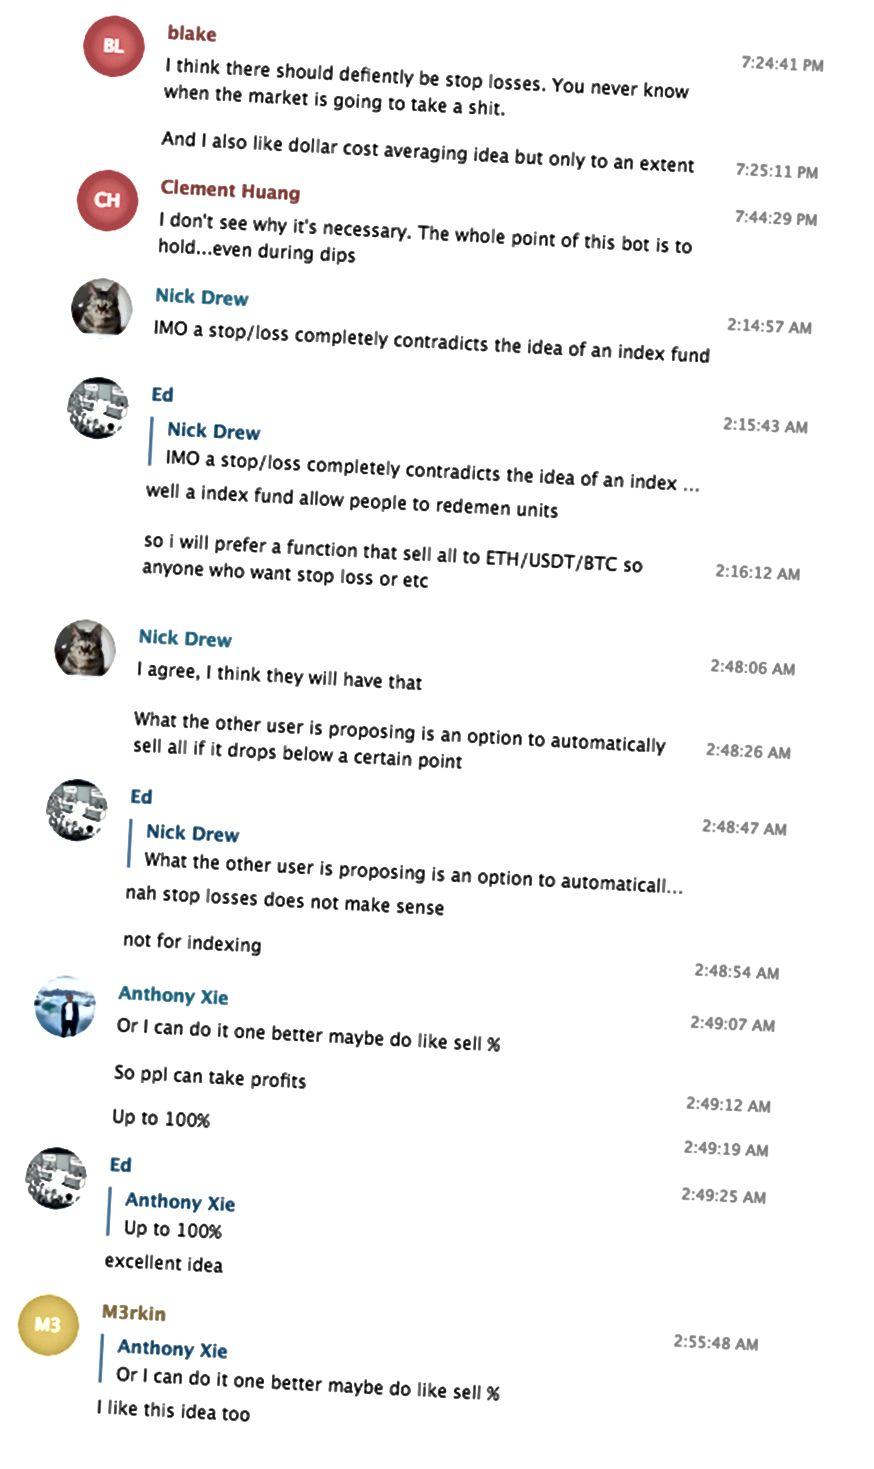 Senaften samtaler fremkalder nye produkt funktioner